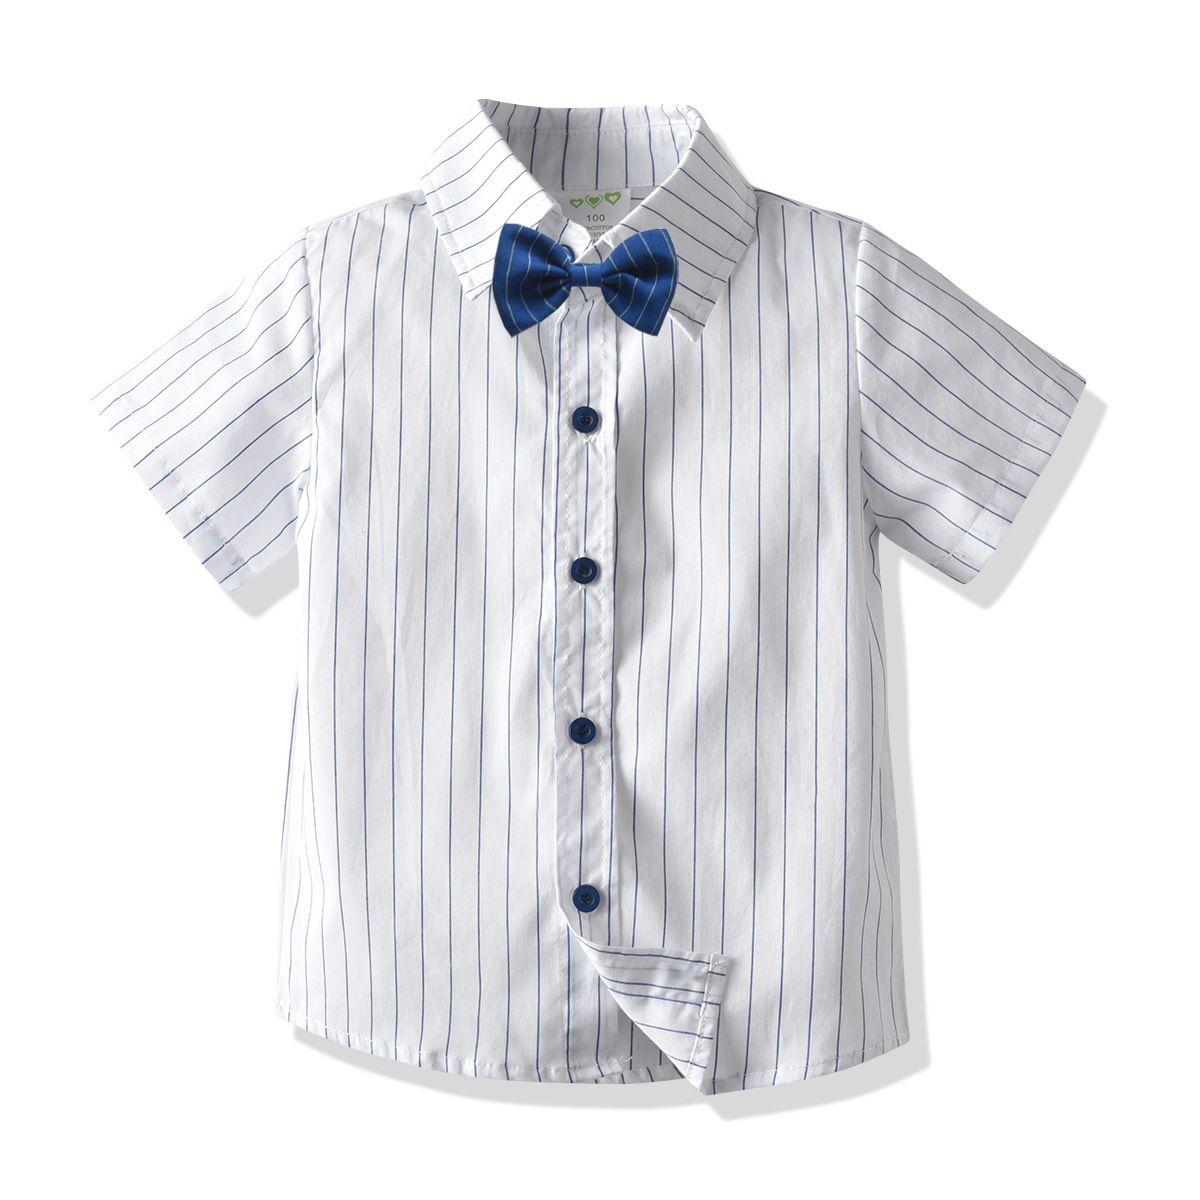 Детская полосатая рубашка хлопок 1-7 лет мальчики рубашка с короткими рукавами кардиган лето новая европейская мода детская рубашка M200417